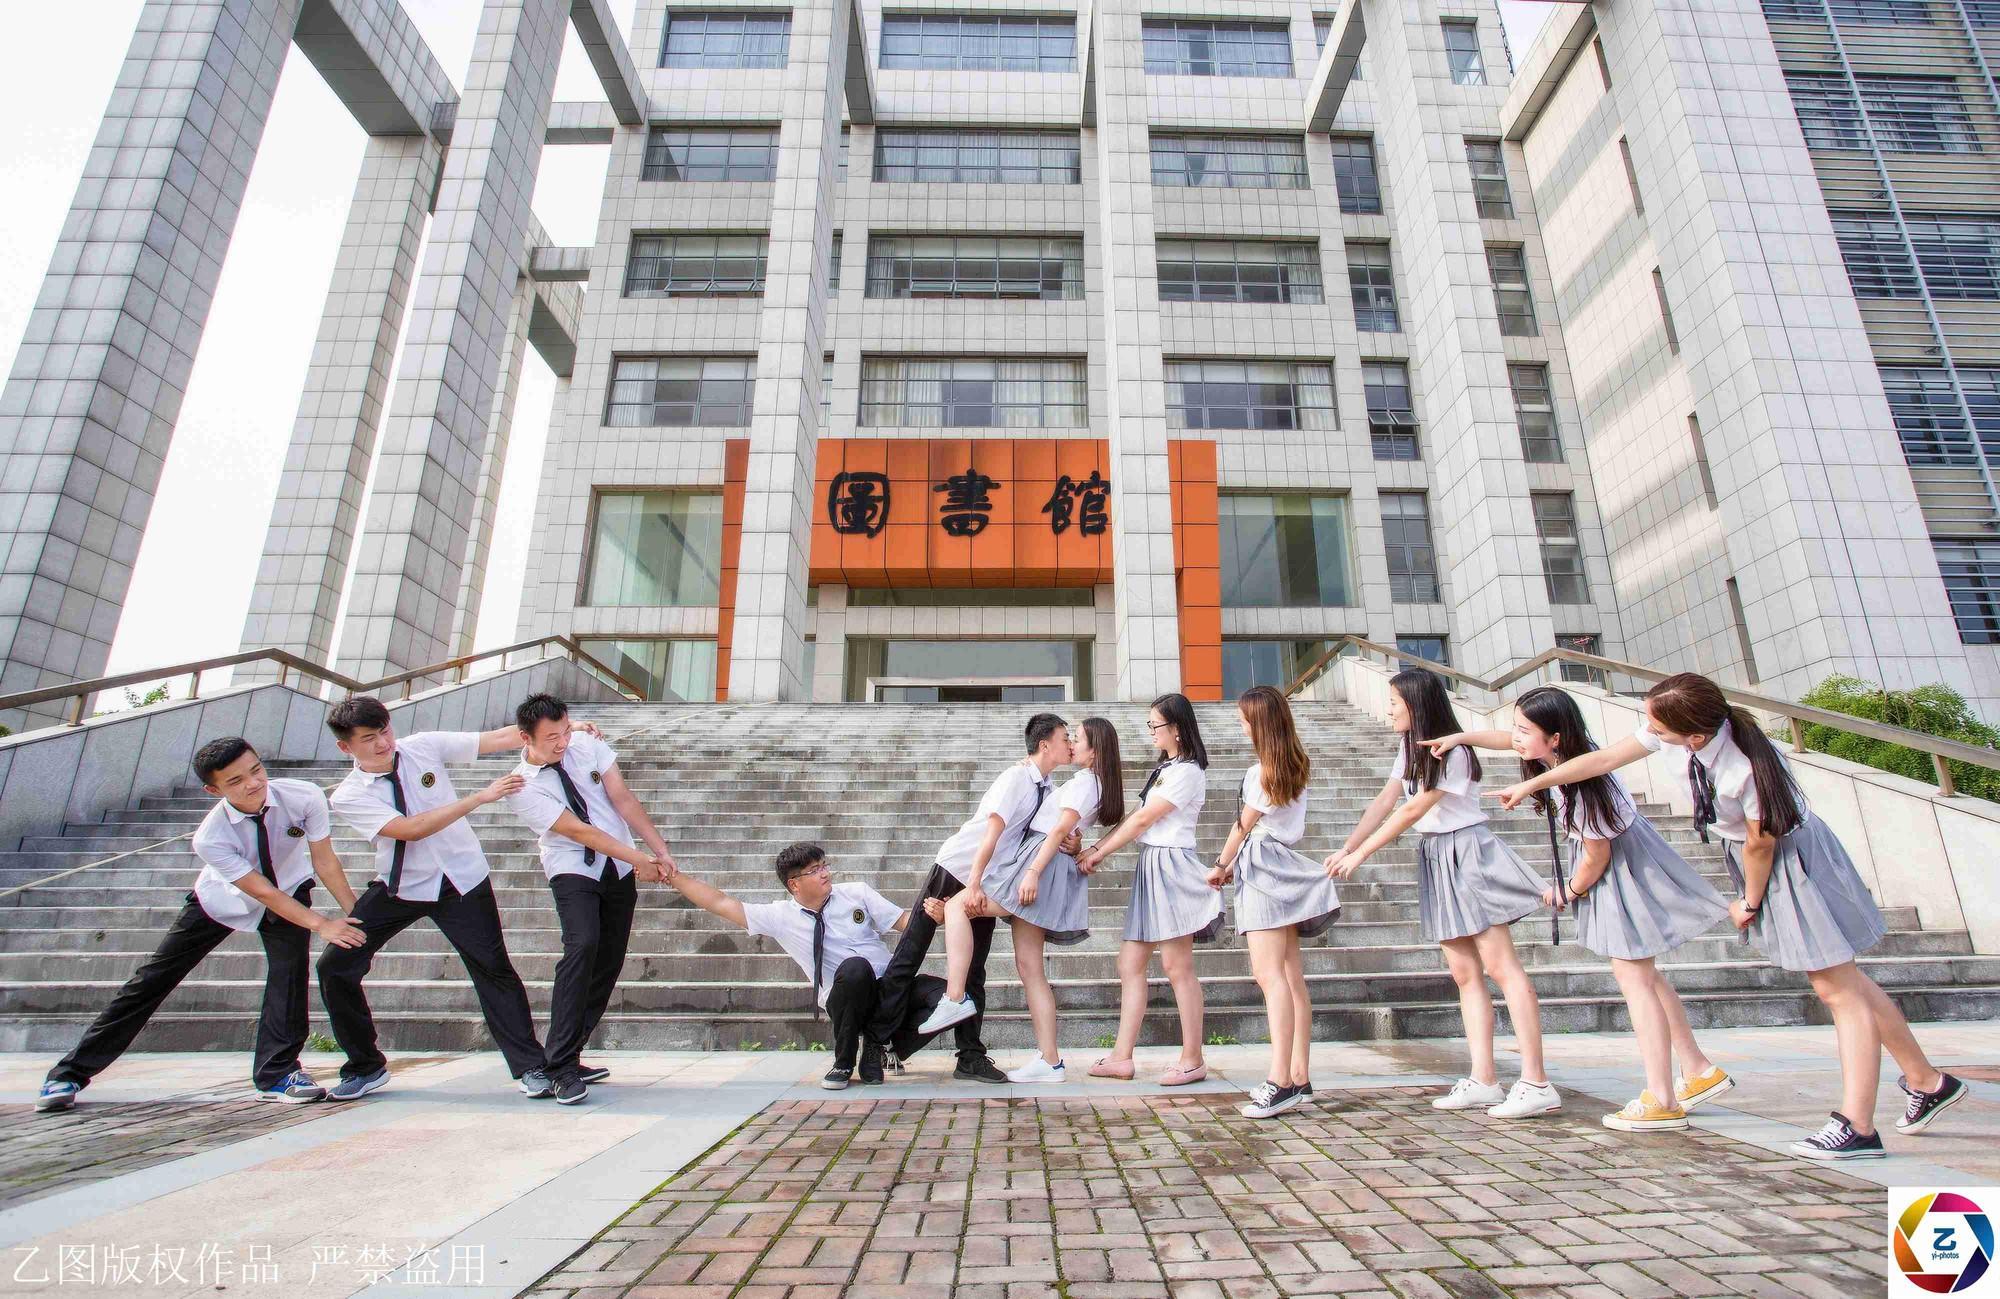 Kỷ yếu của học sinh Trung Quốc: Lầy lội nhưng sáng tạo và chất không kém Việt Nam - Ảnh 9.